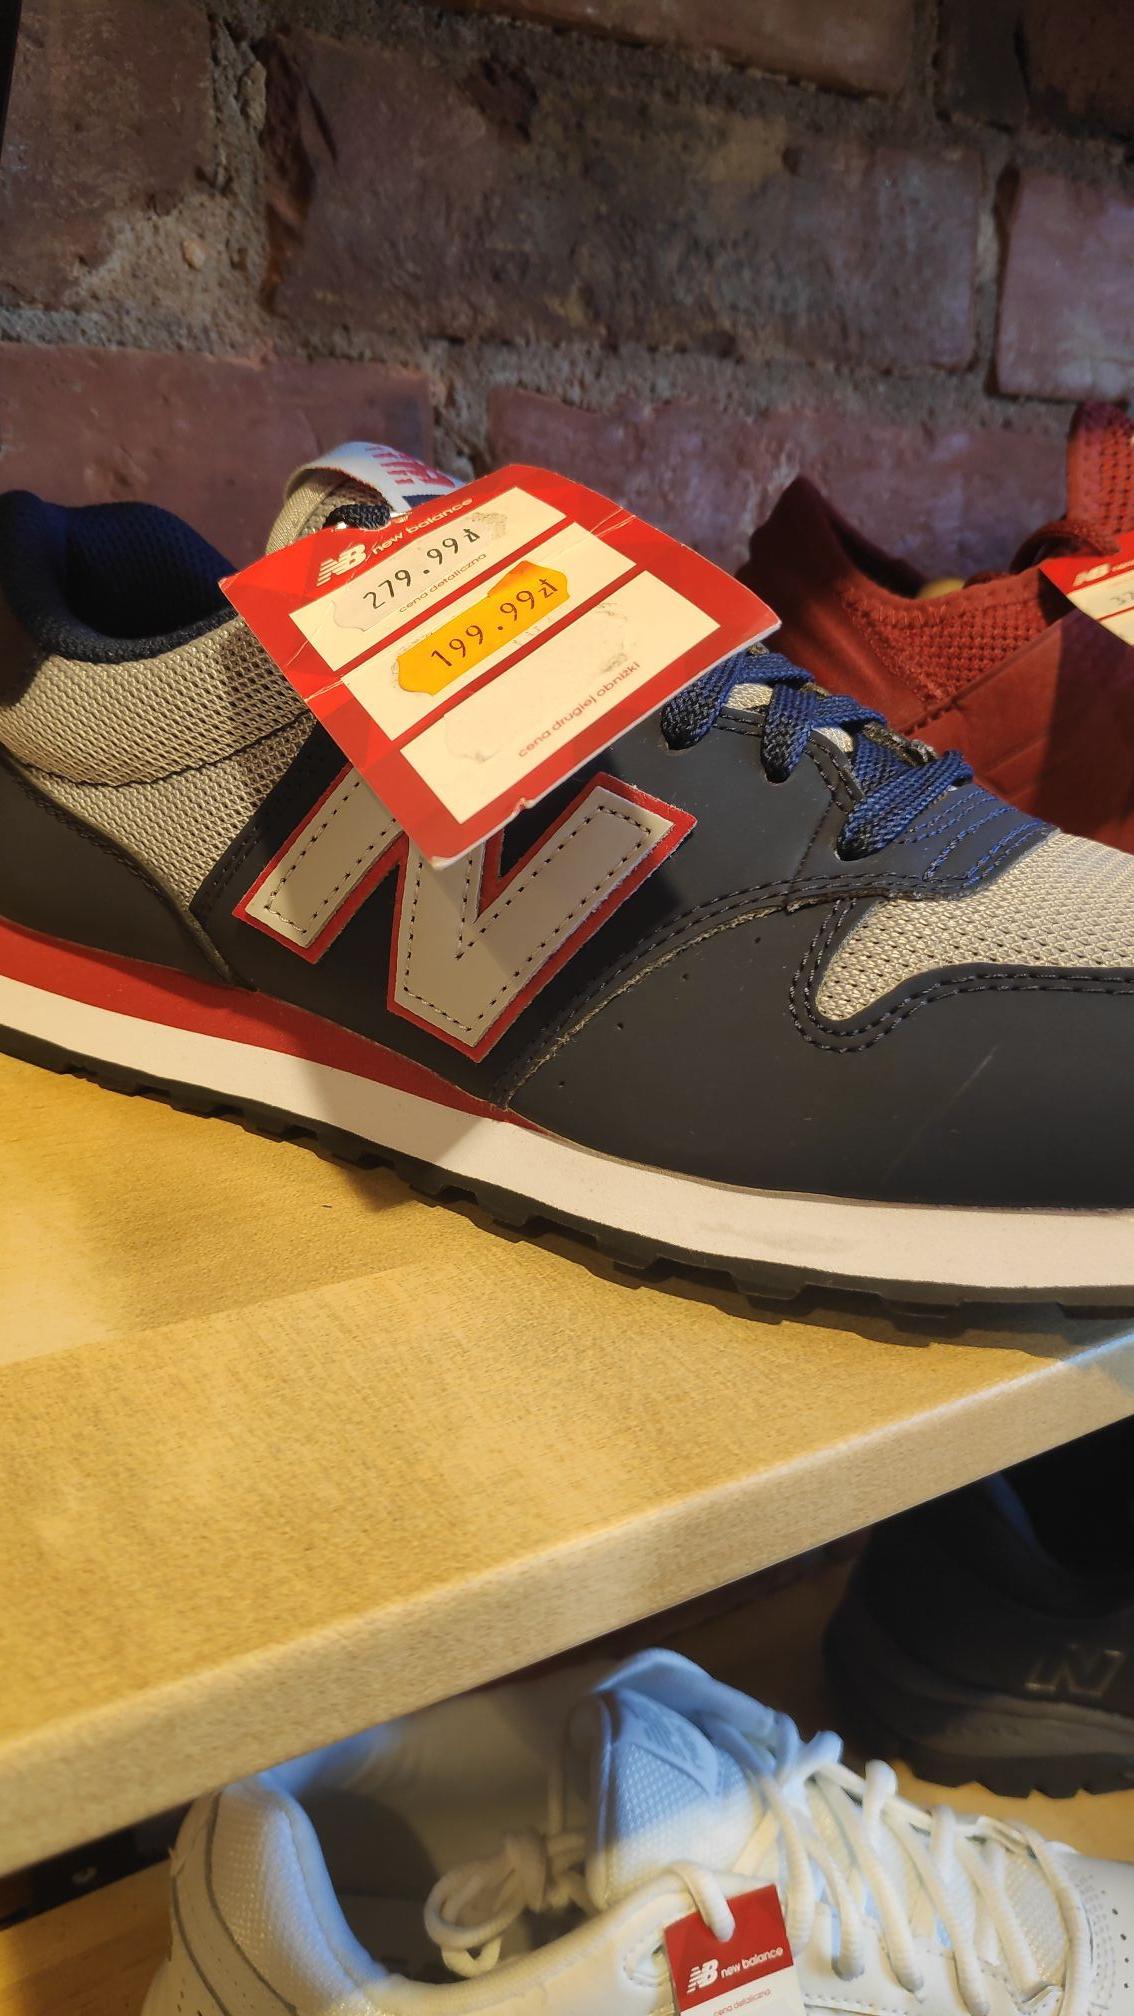 HEL-Wyprzedaż butów New Balance-różne modele i rozmiary